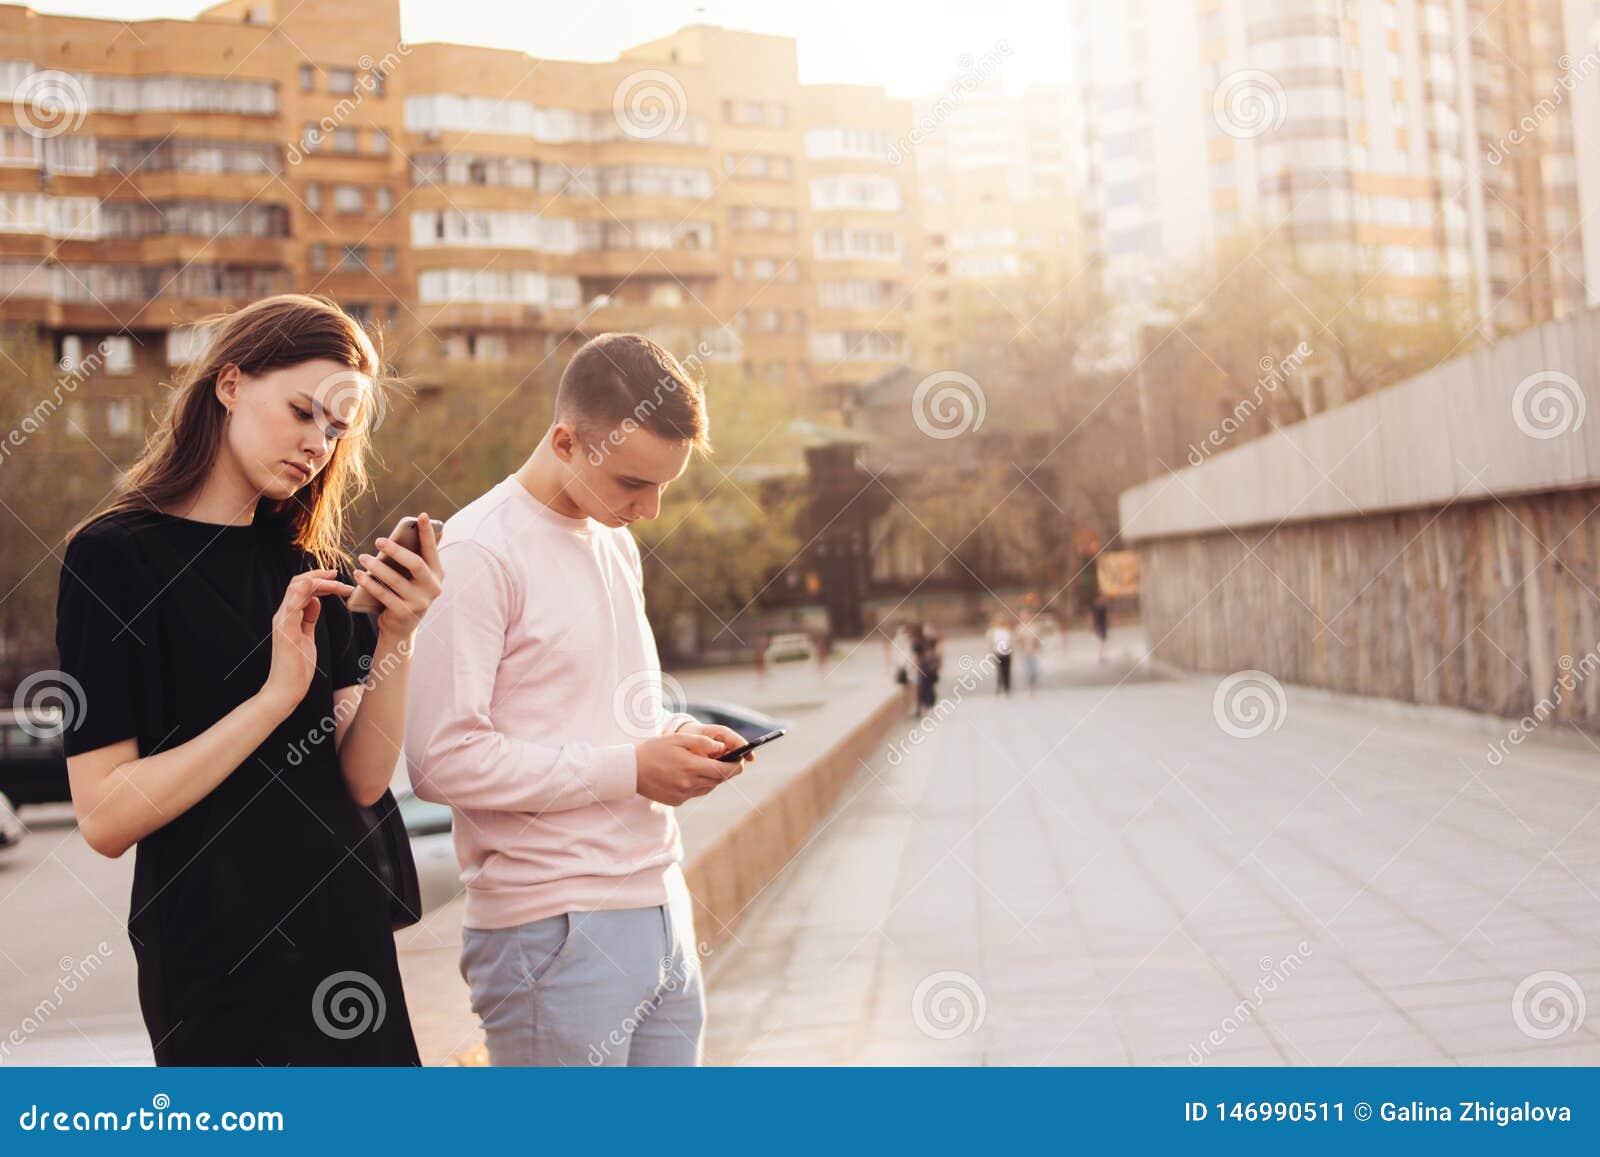 Молодая пара друзей, подростков, студентов используя мобильные телефоны на улице города